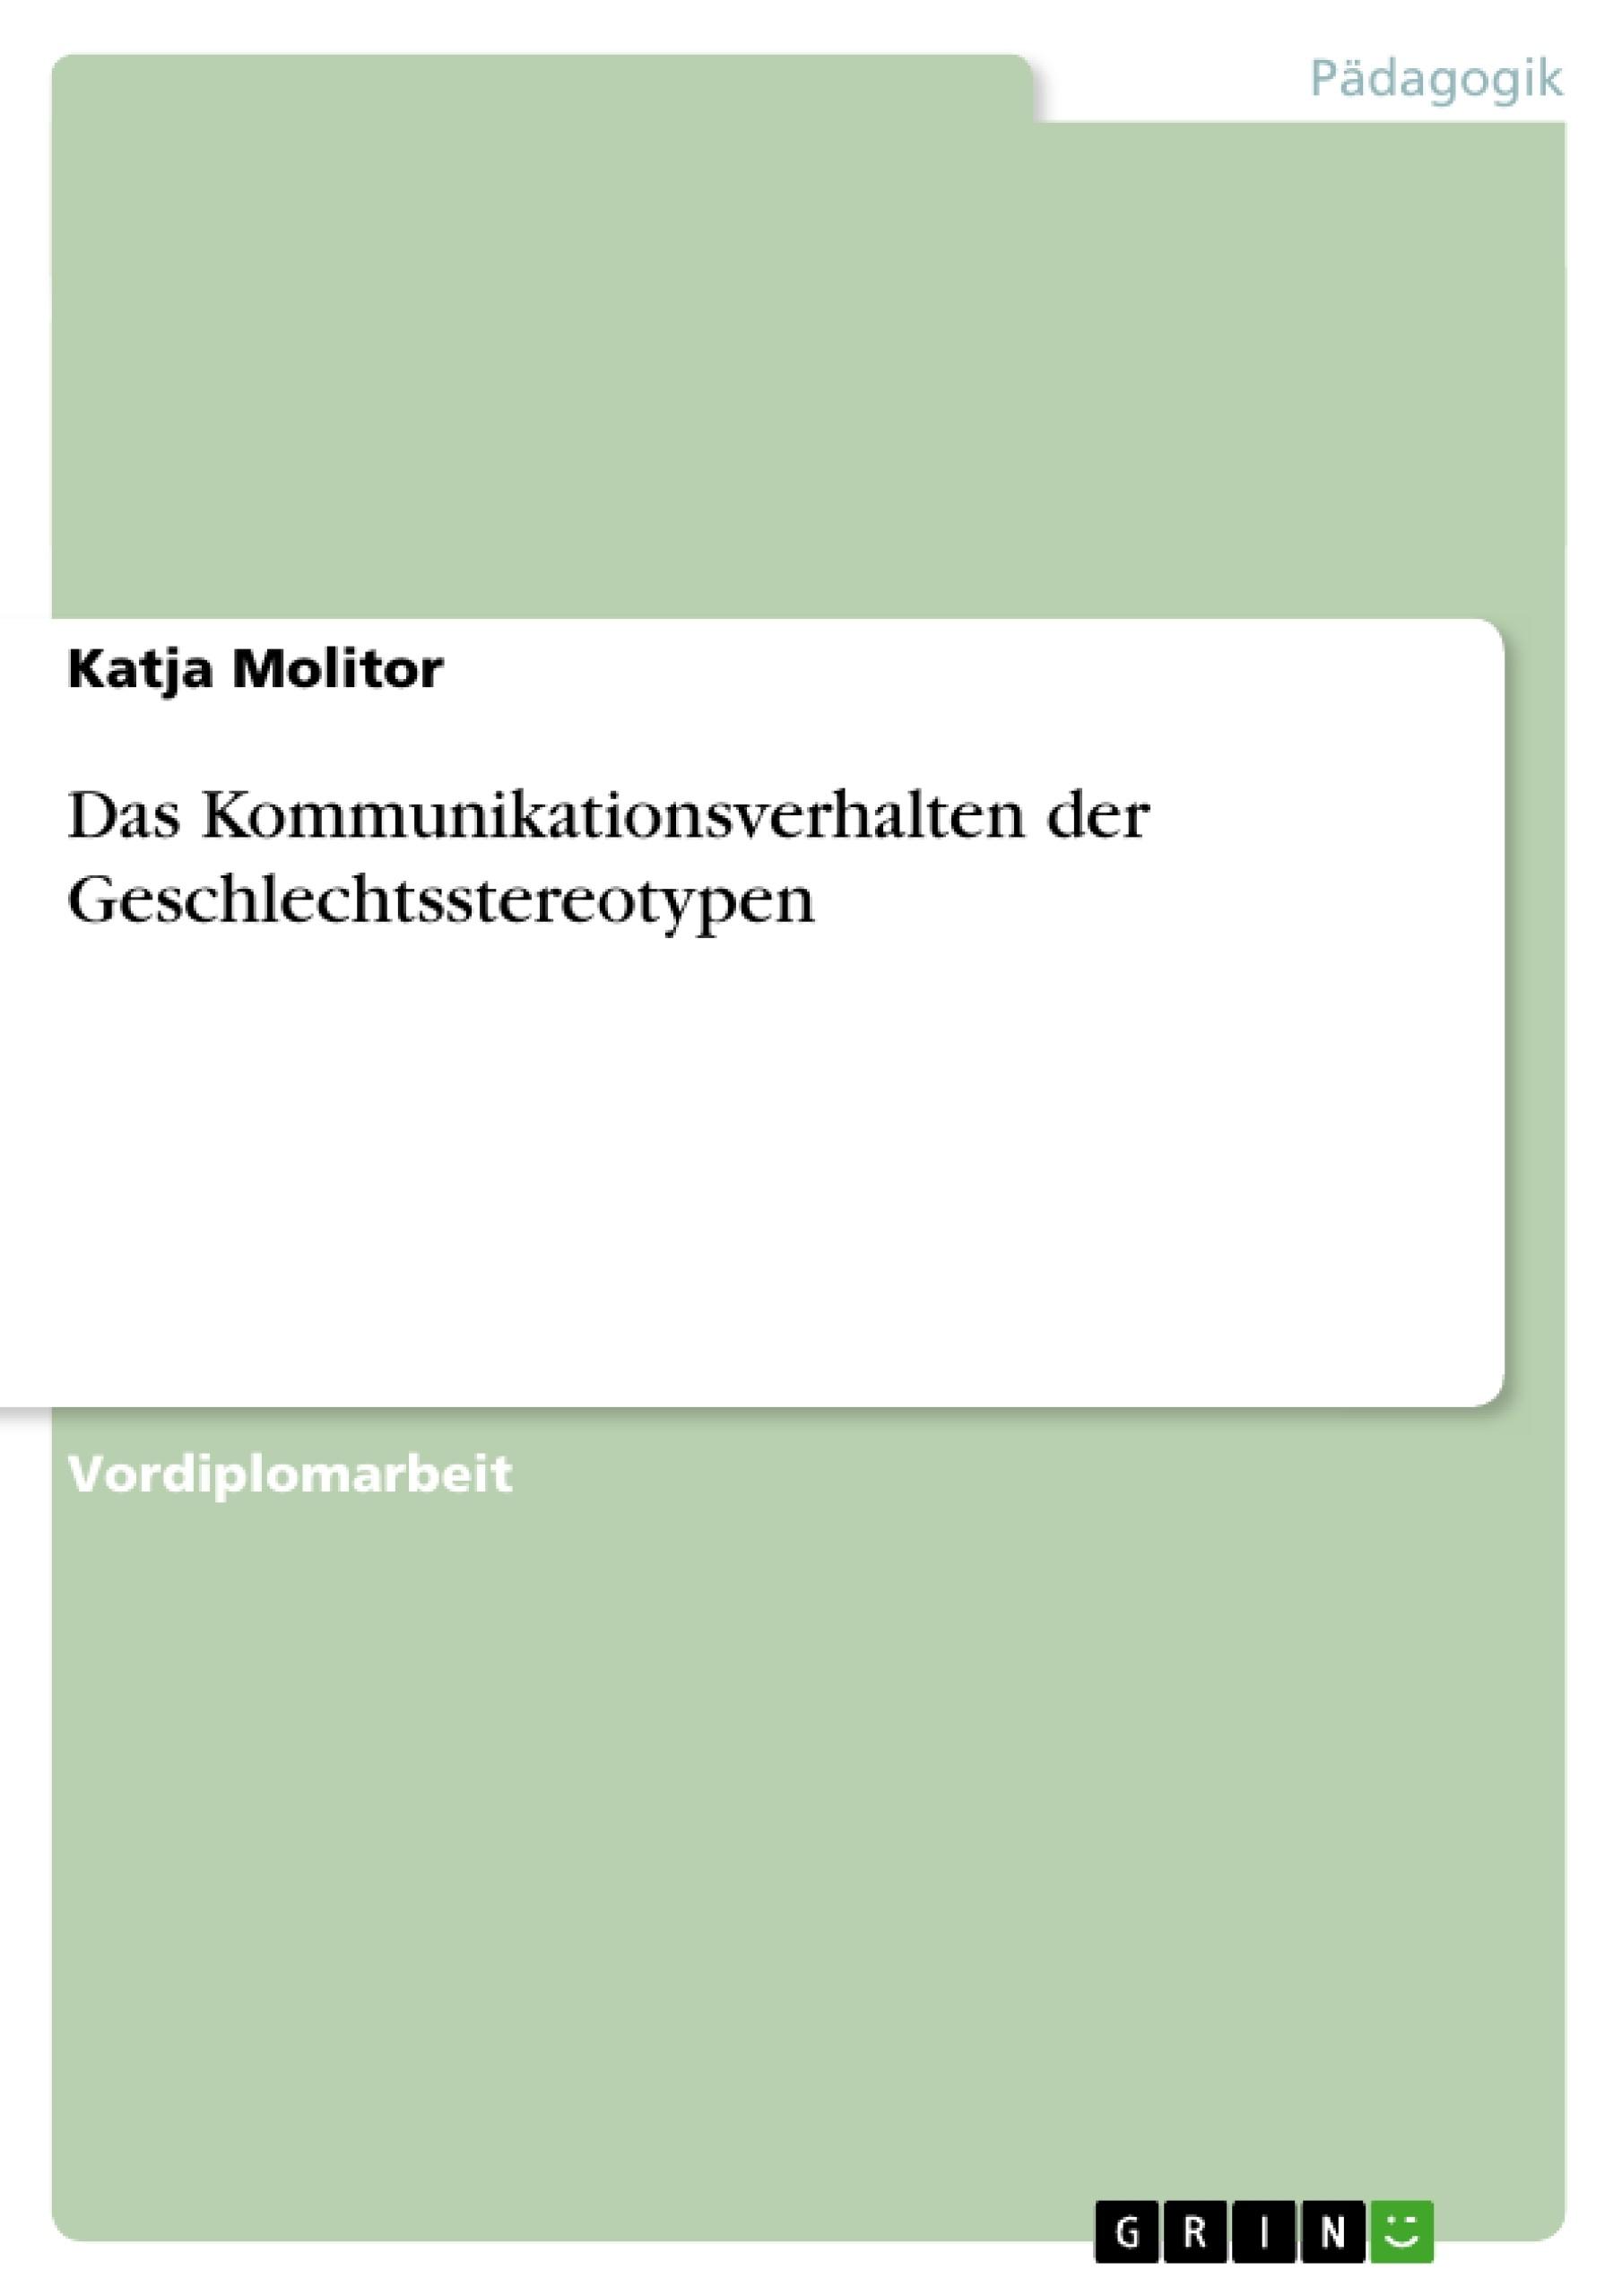 Titel: Das Kommunikationsverhalten der Geschlechtsstereotypen